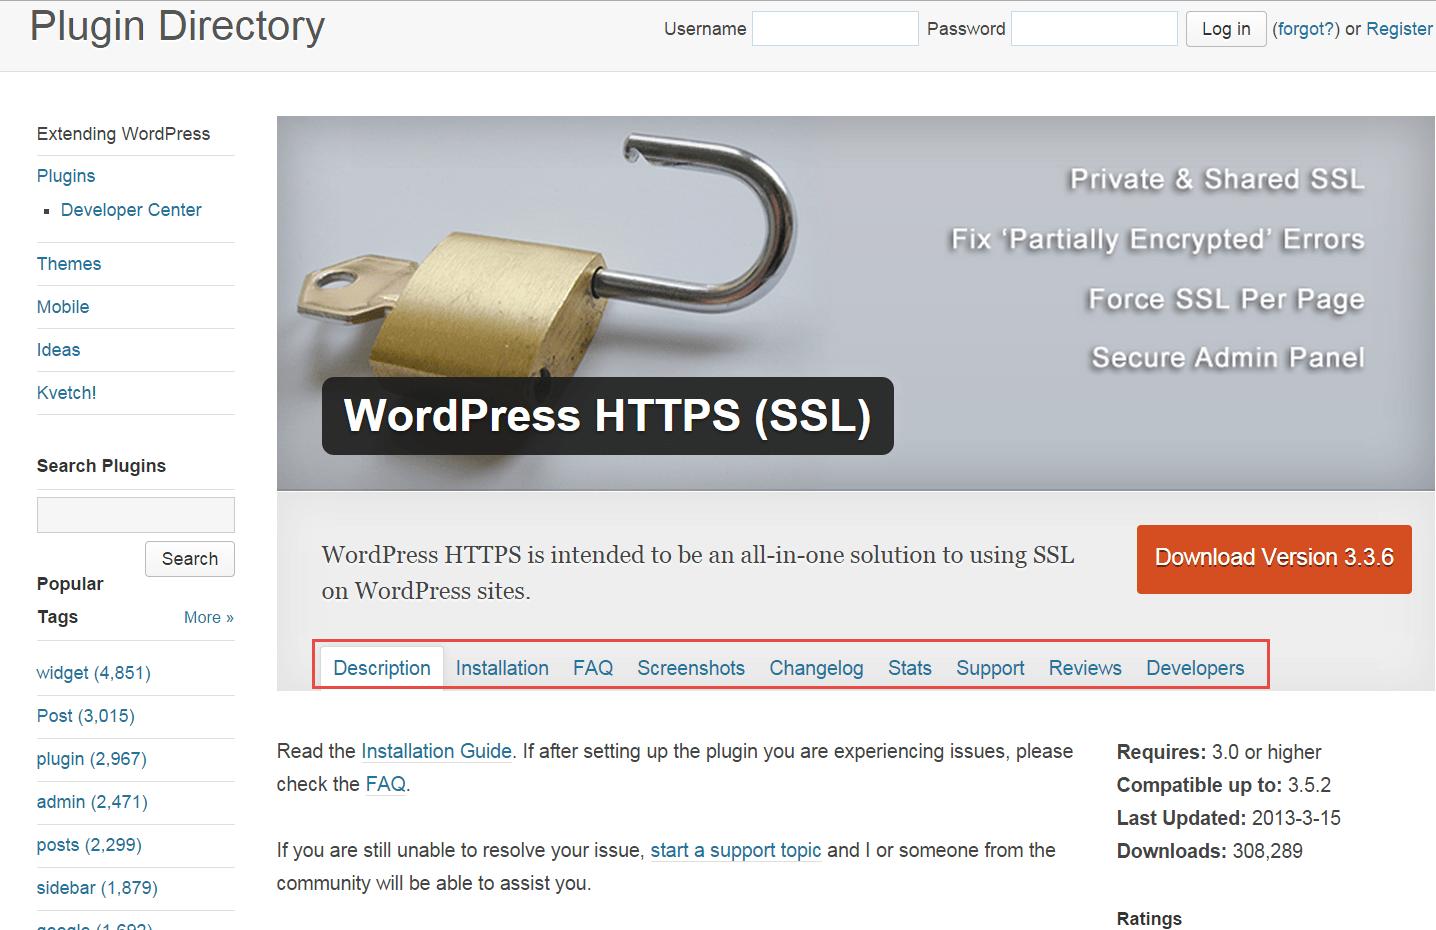 Plugin profile from Wordpress.org